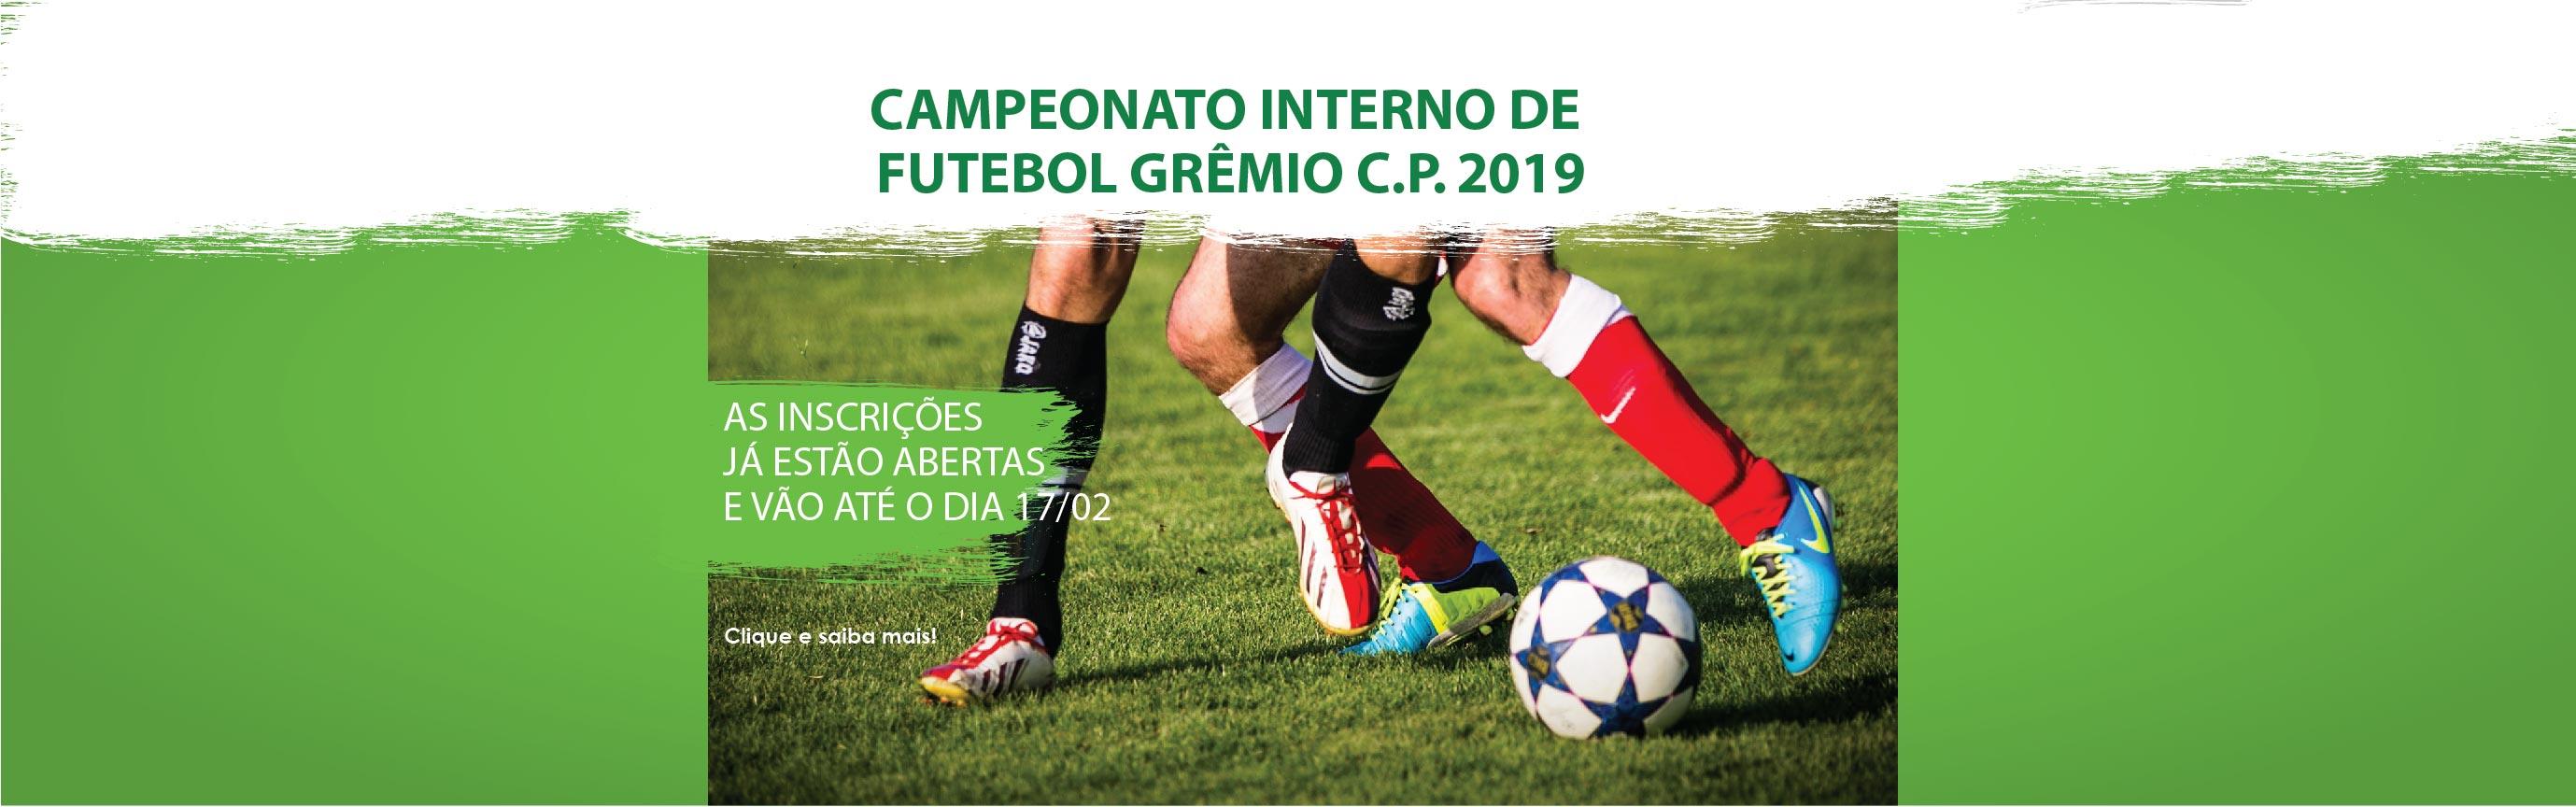 Campeonato Futebol Gremio